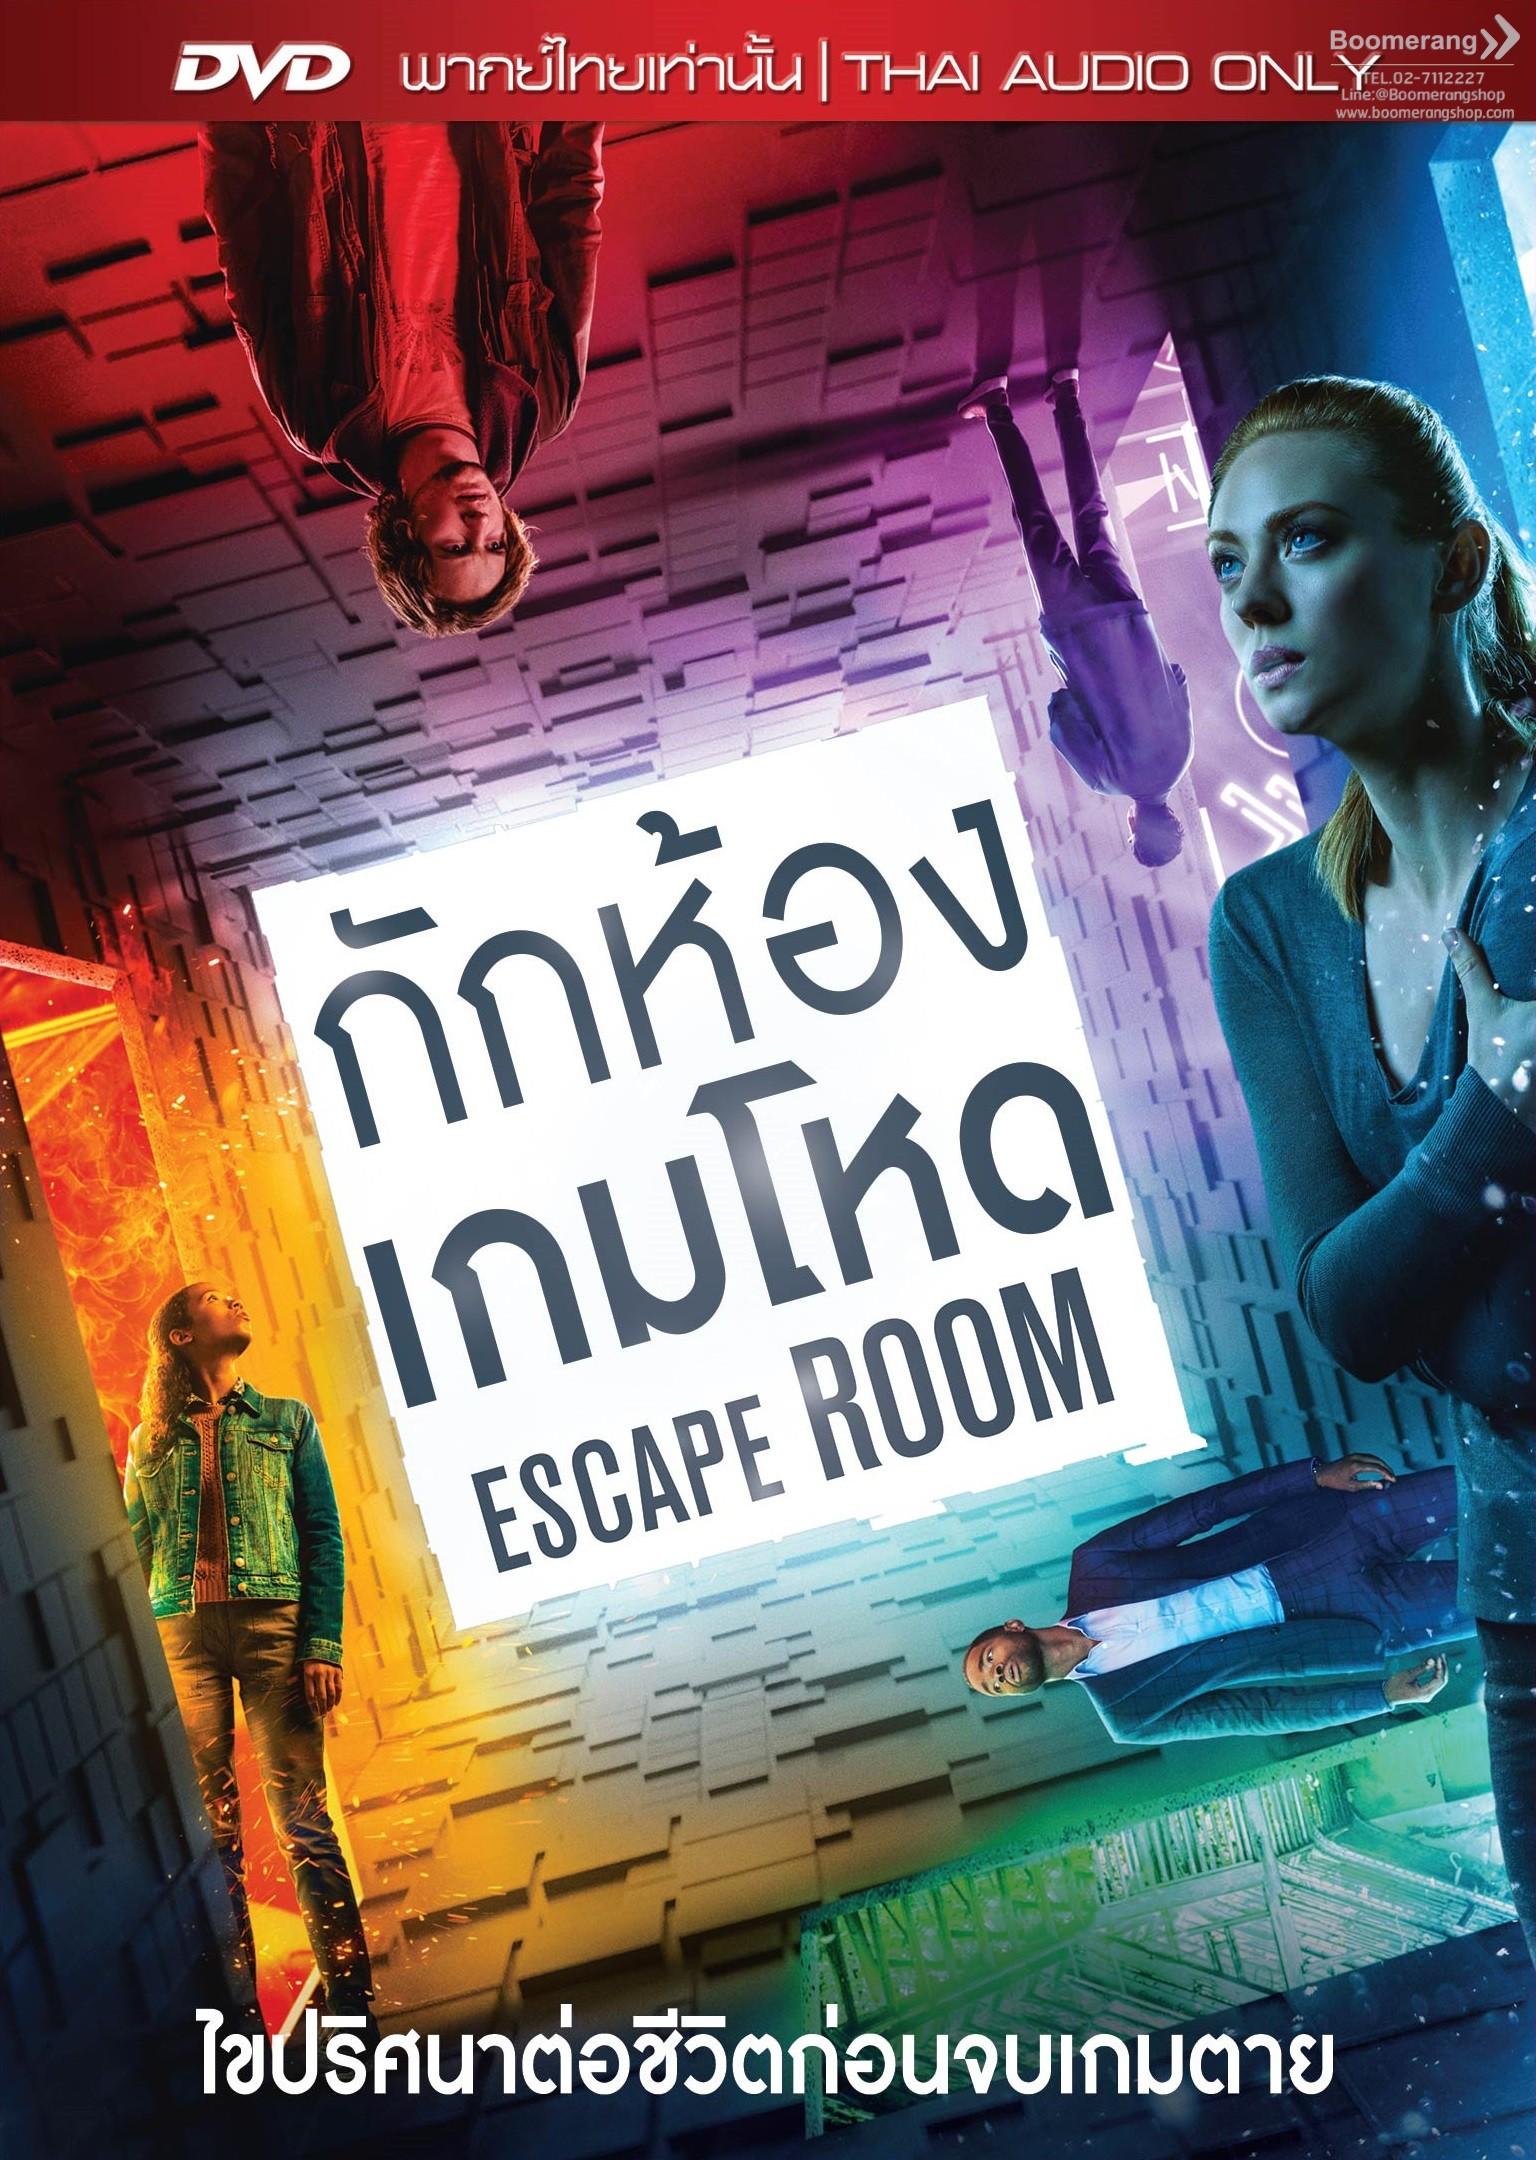 ดูหนัง Escape Room กักห้อง เกมโหด ดูหนังออนไลน์ฟรี ดูหนังฟรี HD ชัด ดูหนังใหม่ชนโรง หนังใหม่ล่าสุด เต็มเรื่อง มาสเตอร์ พากย์ไทย ซาวด์แทร็ก ซับไทย หนังซูม หนังแอคชั่น หนังผจญภัย หนังแอนนิเมชั่น หนัง HD ได้ที่ movie24x.com